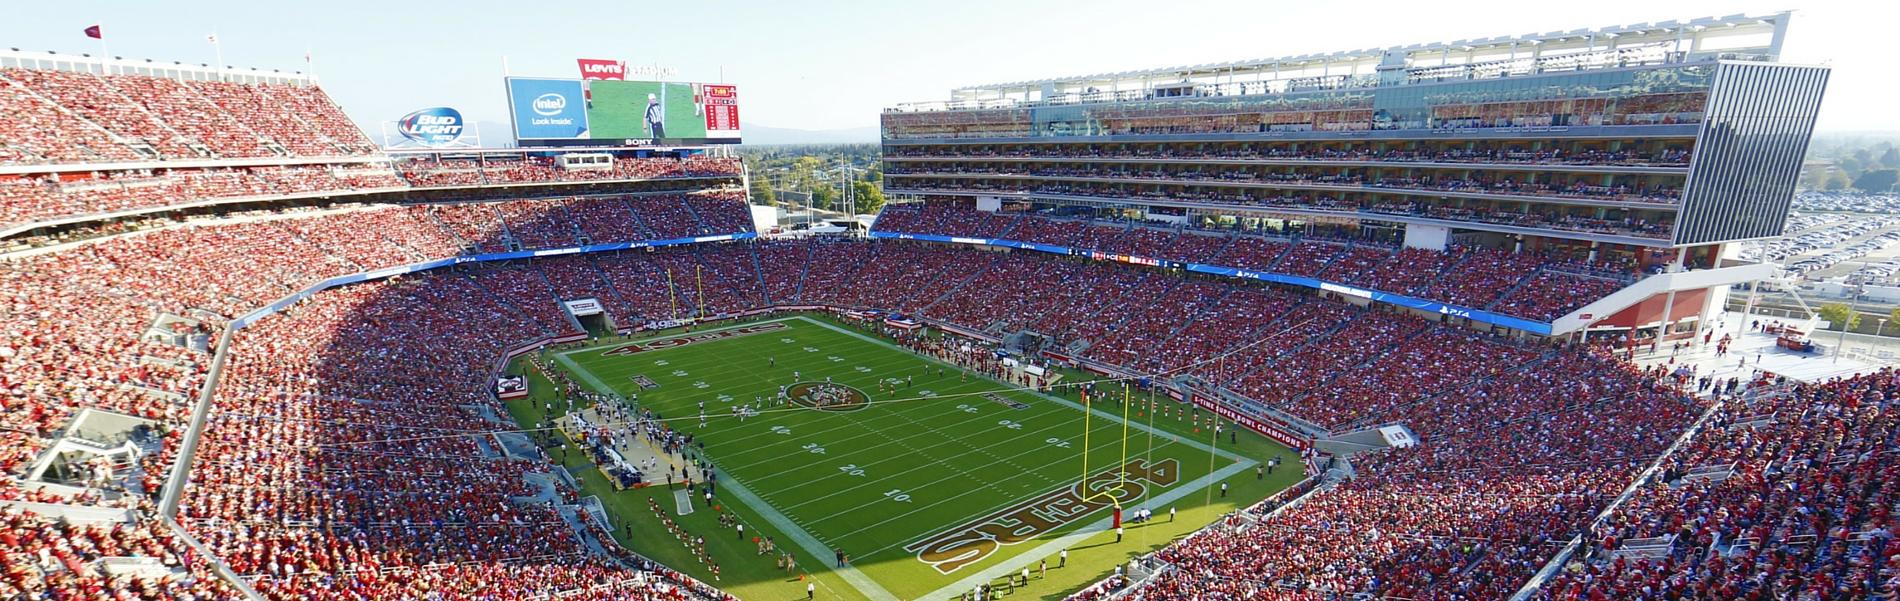 Levi's Stadium | San Francisco 49ers Stadium